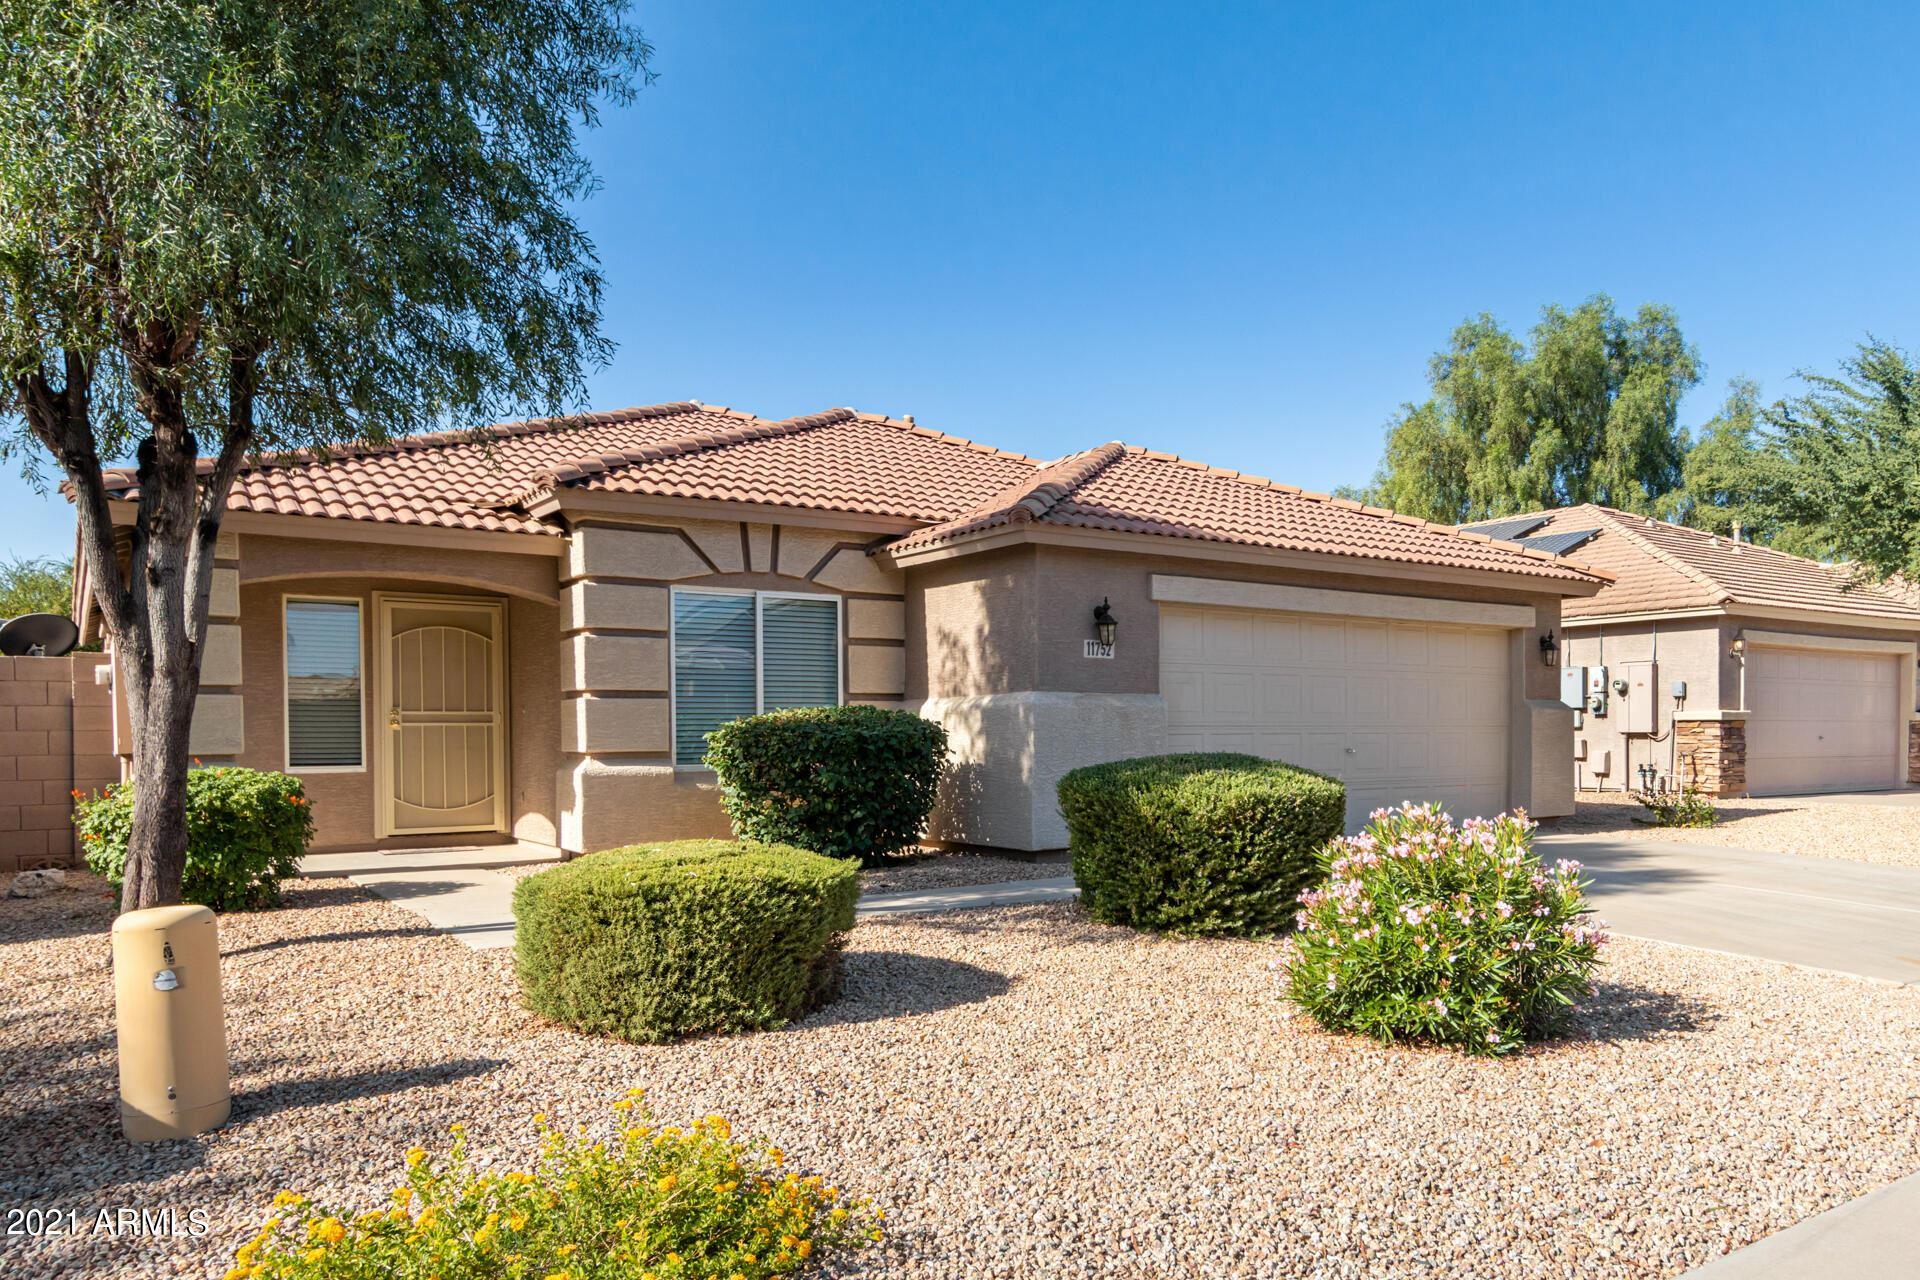 Photo of 11752 N 153RD Avenue, Surprise, AZ 85379 (MLS # 6311052)